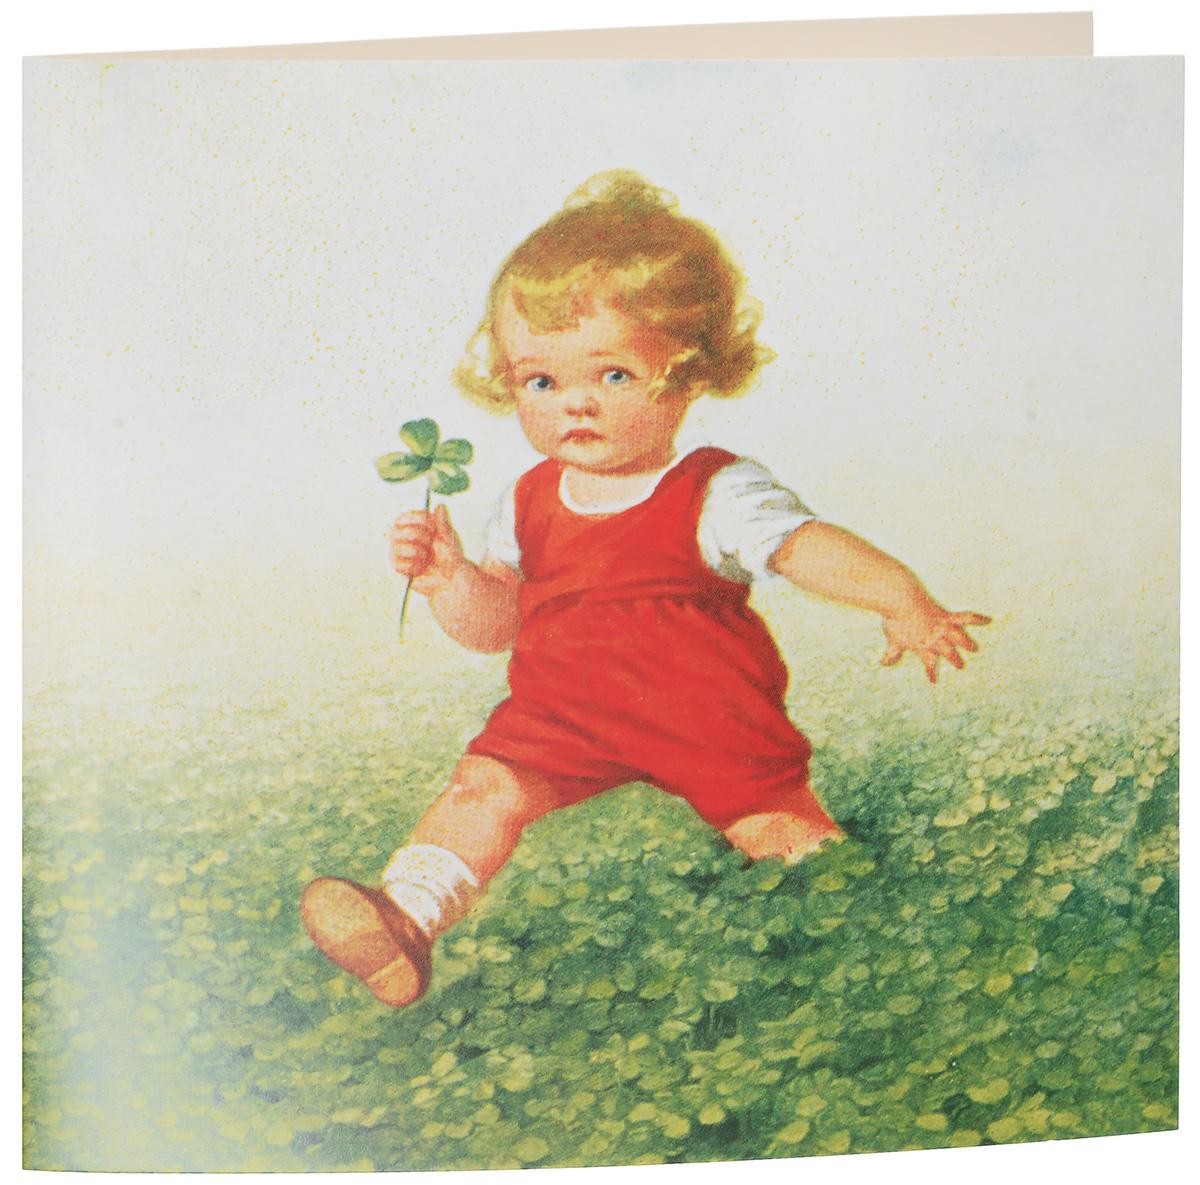 Открытка поздравительная Darinchi № 35, формат А5. Авторская работа94880Замечательная поздравительная открытка.